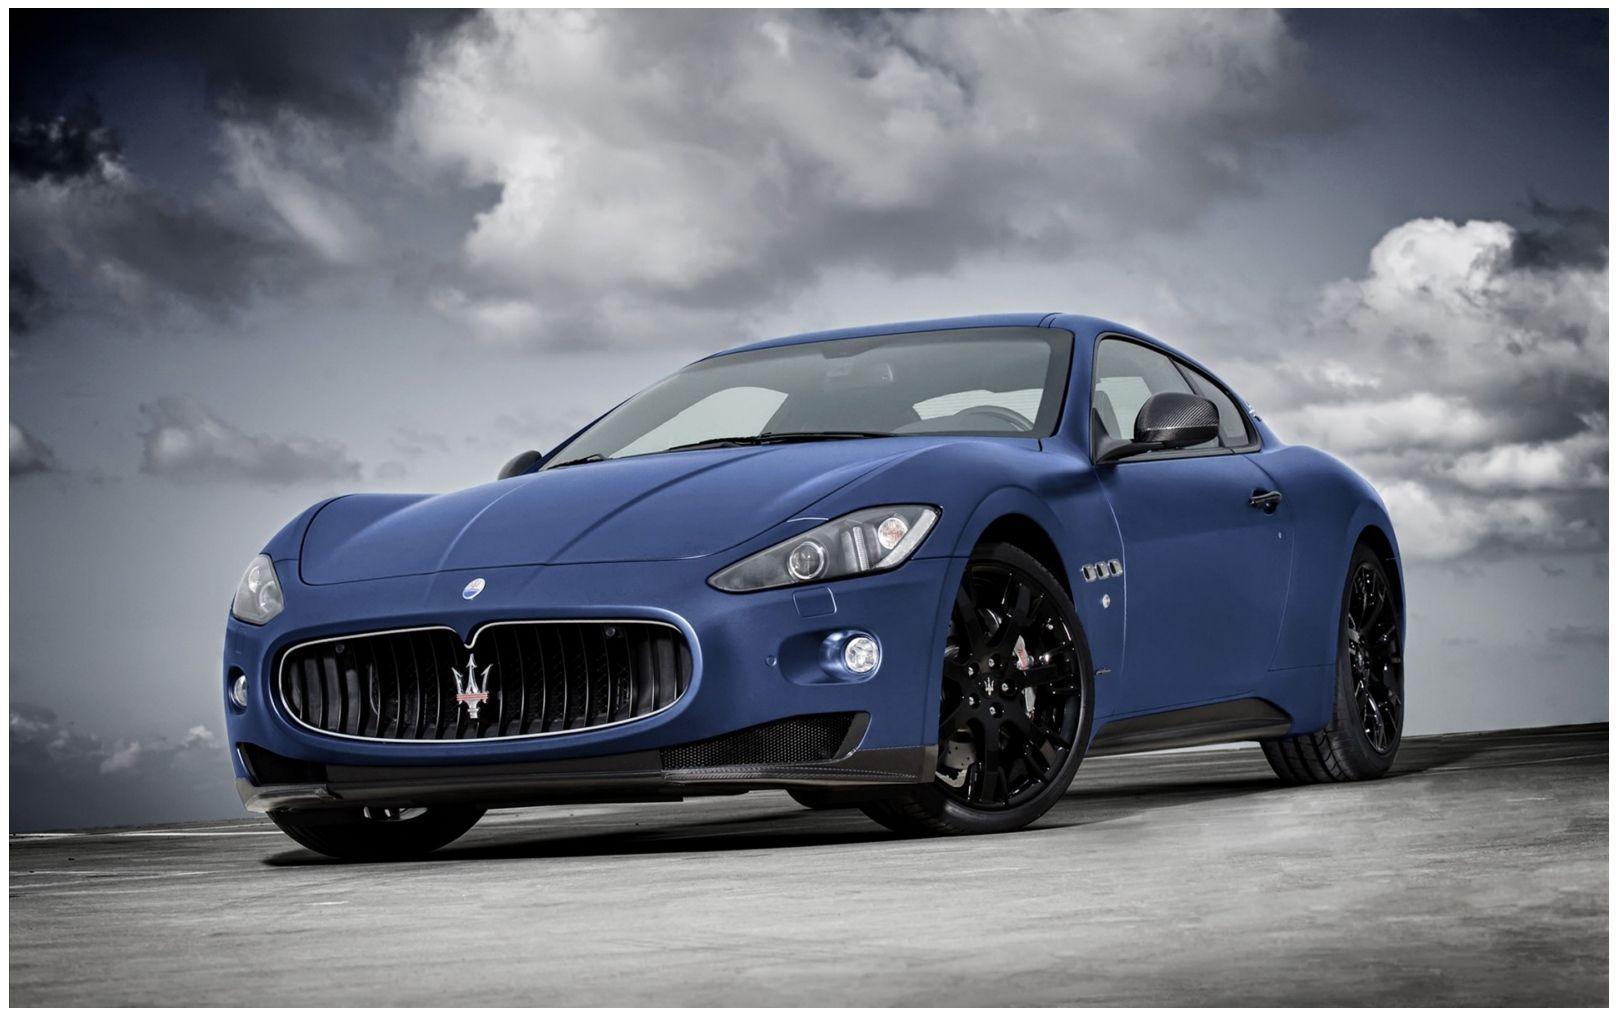 New Maserati Granturismo Hd Car Wallpaper Maserati Granturismo Maserati Granturismo S Sports Cars Luxury